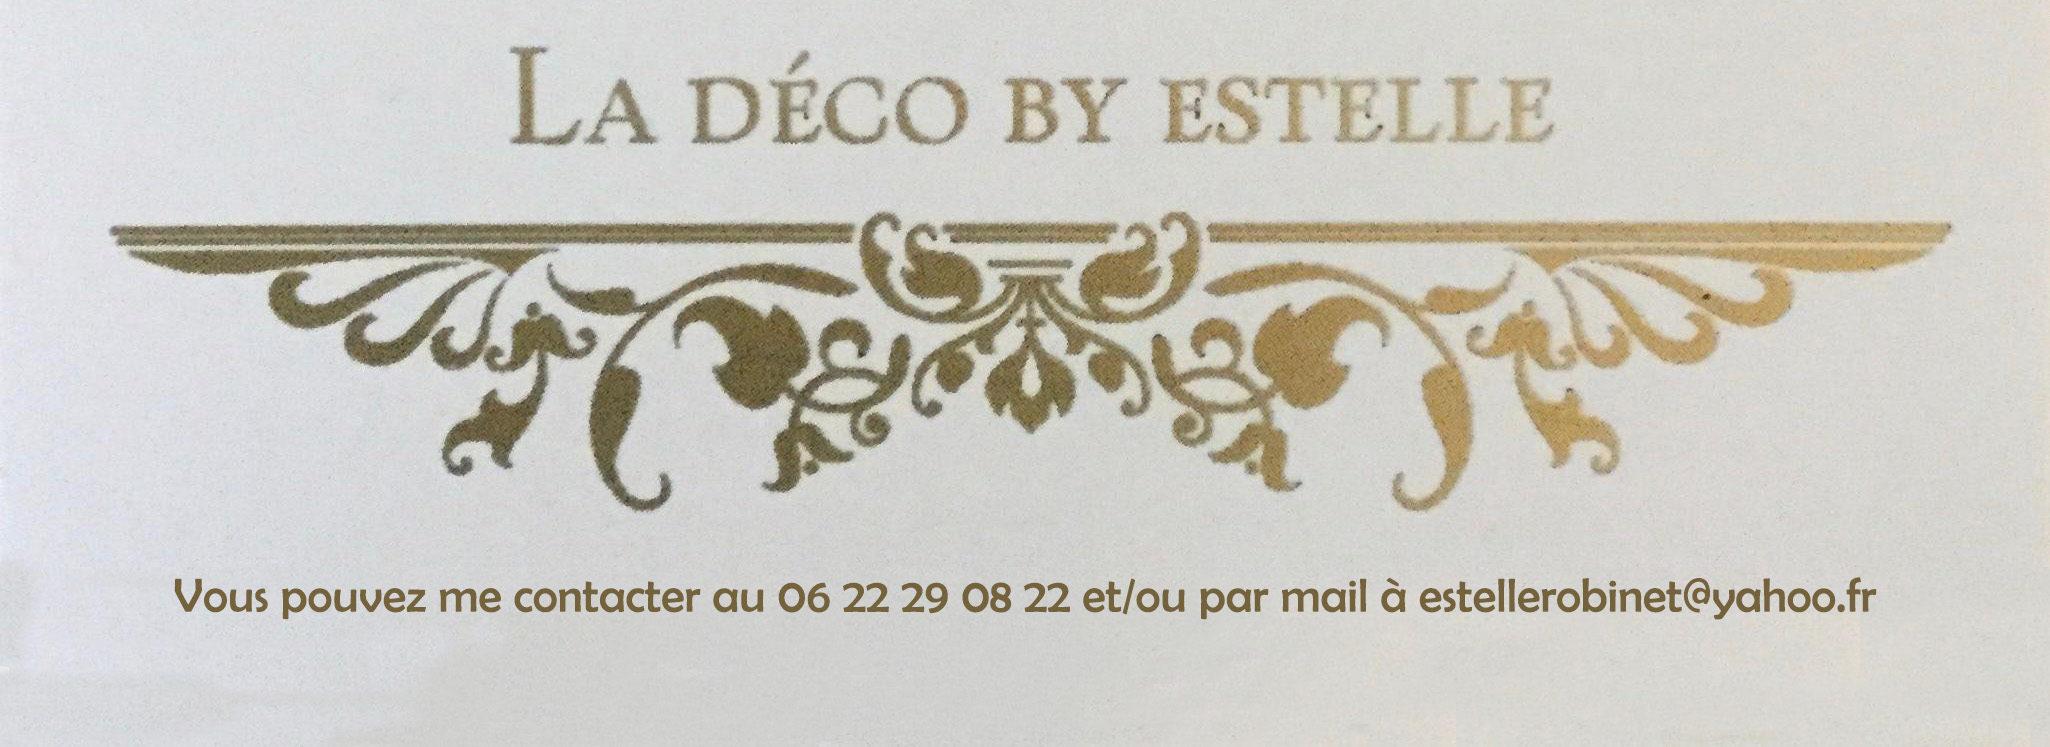 La déco by Estelle